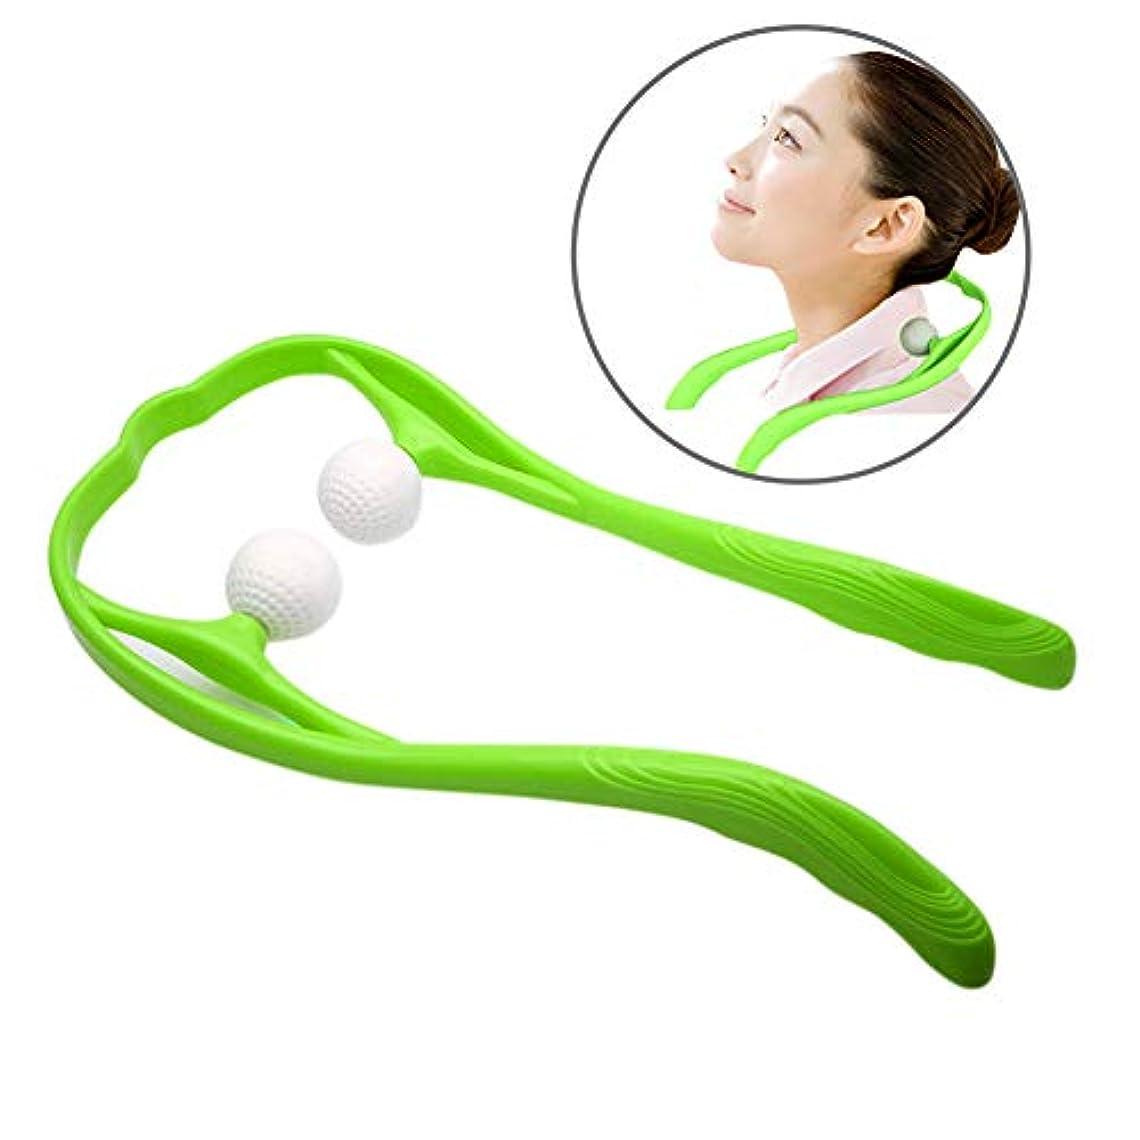 ネックマッサージャー 改良版 簡易マッサージローラー 手動式 首マッサージ 肩 首 腰 足 凝り用 リンパマッサージ つぼ押し ローラー 血行促進 ボールの取り外し可能 (グリーン)